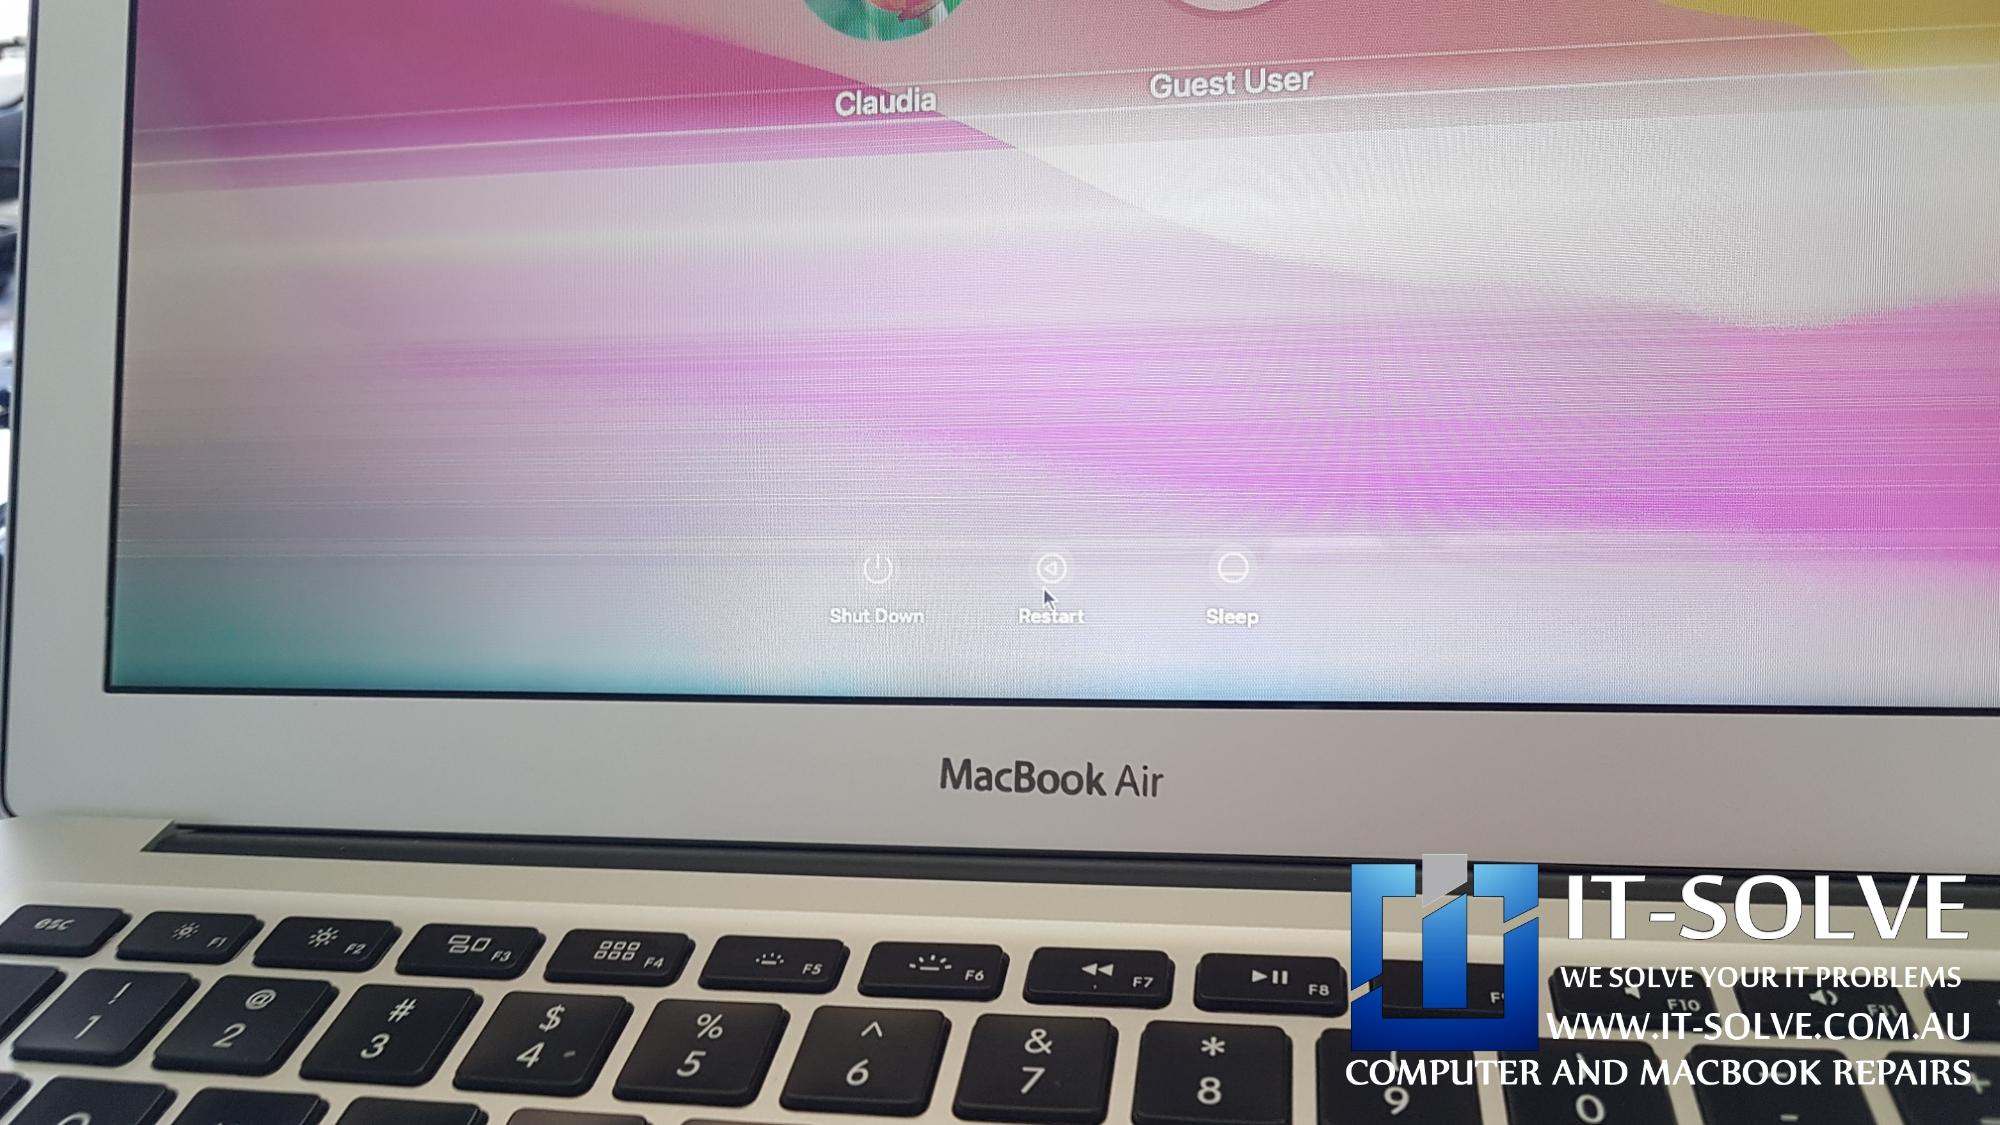 Macbook Air flickering screen repair